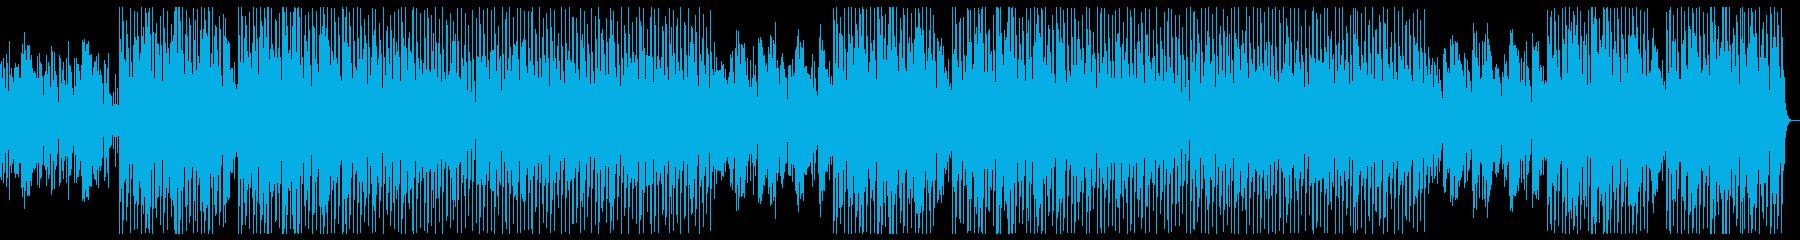 おしゃれjazzハウス生sax演奏の再生済みの波形